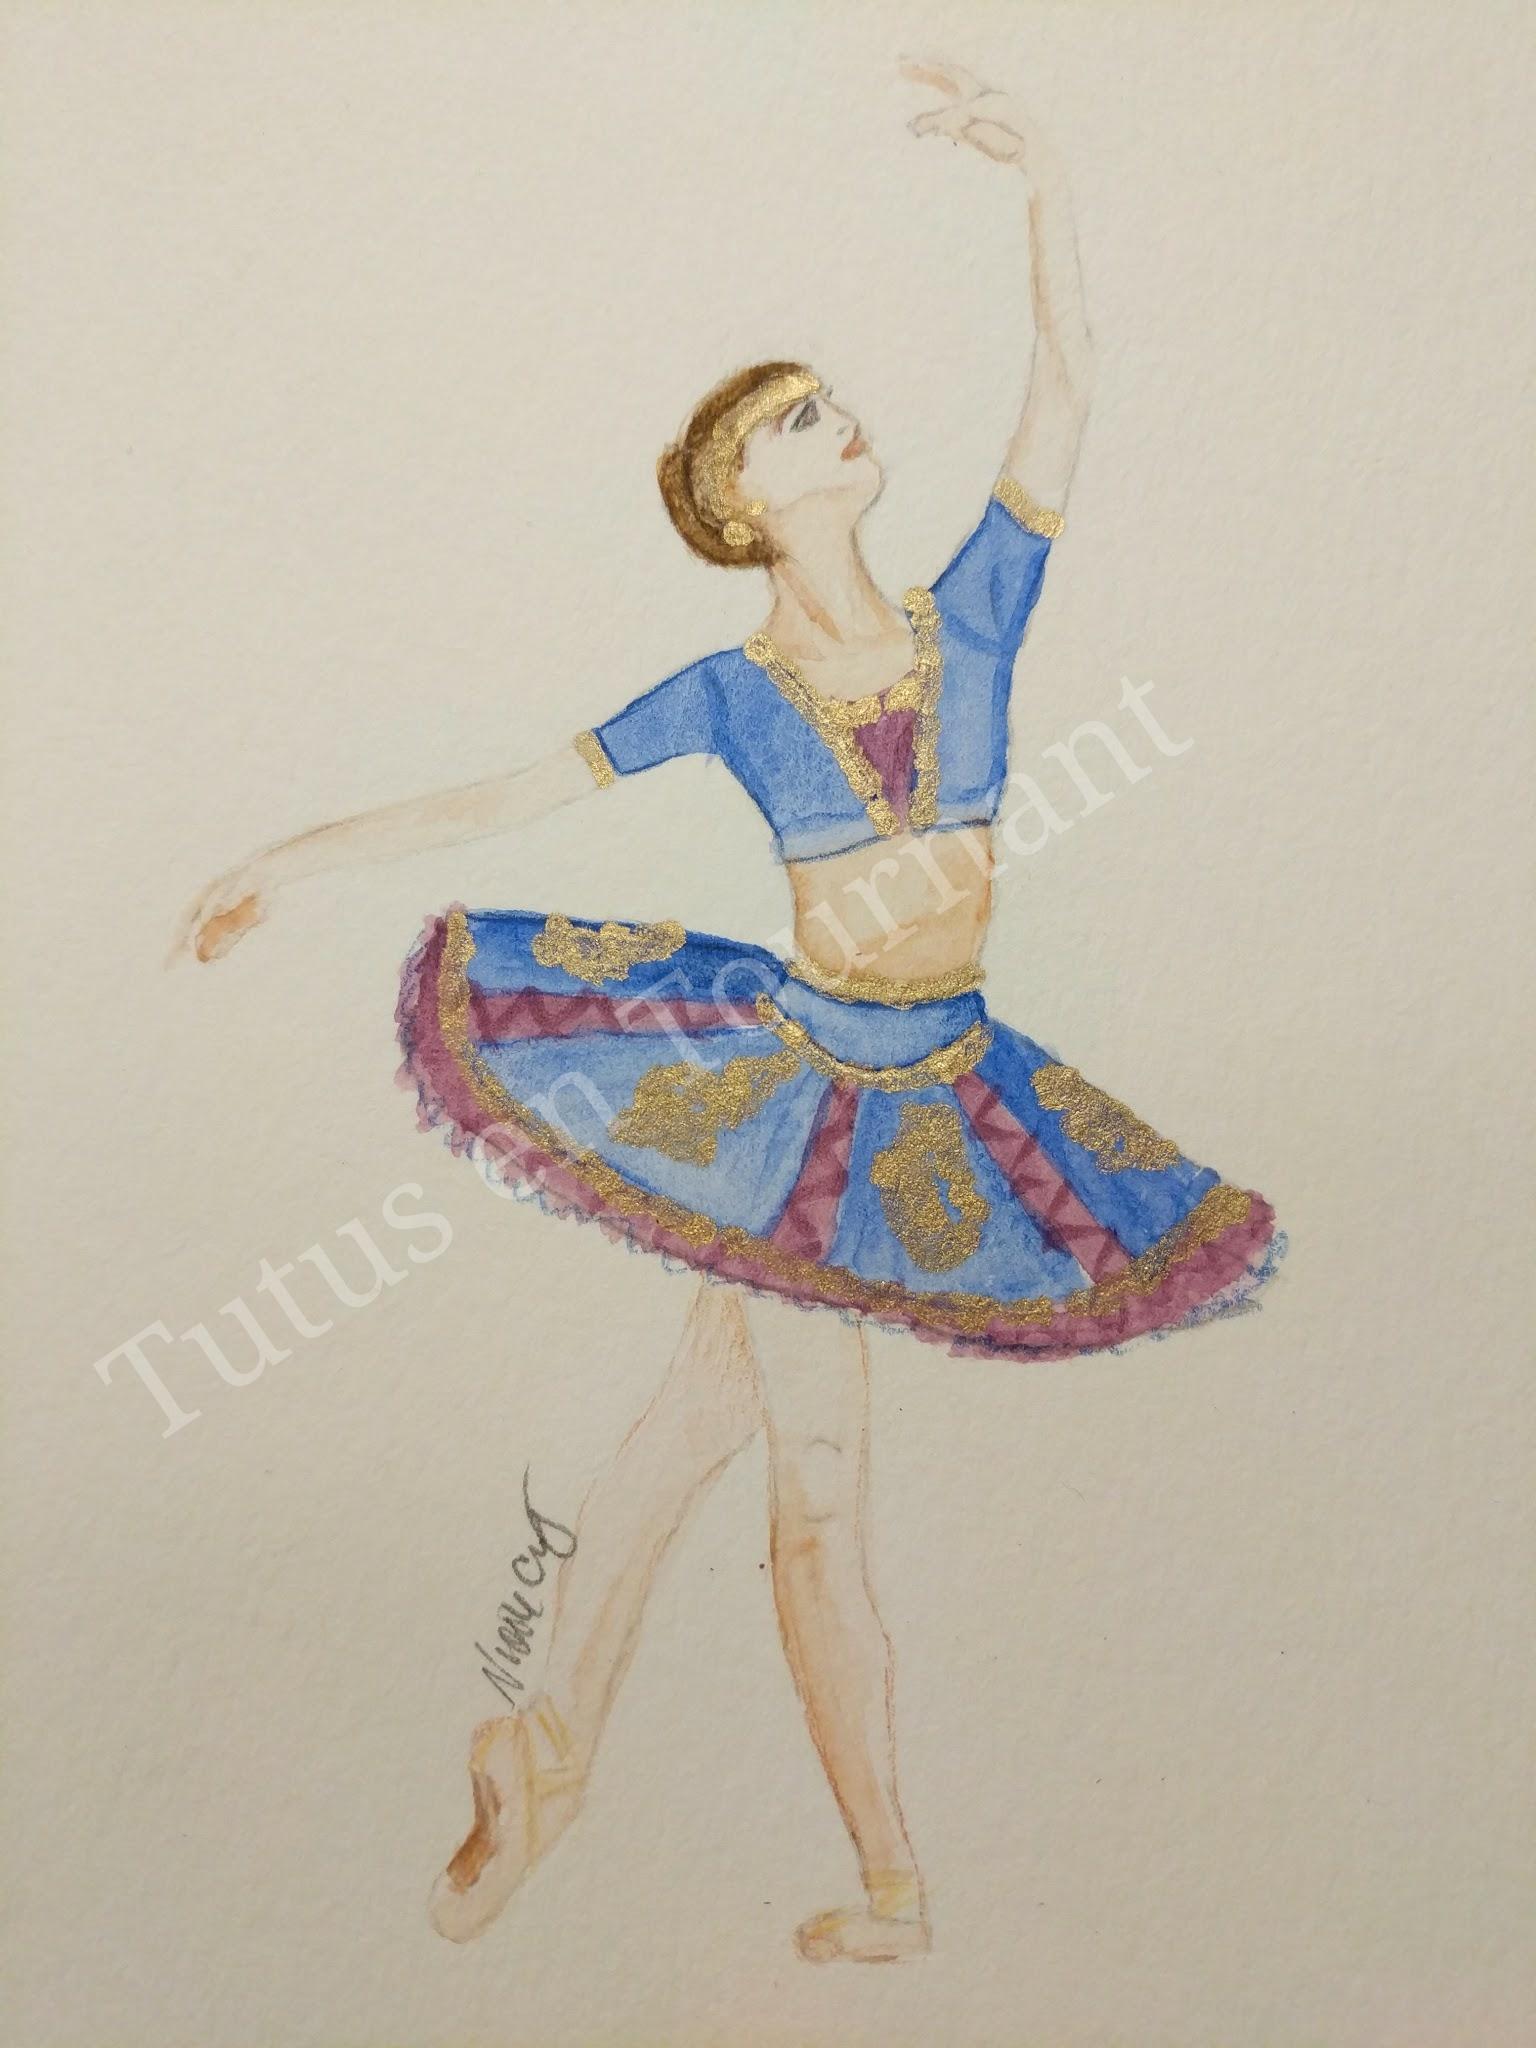 Original design for the Dancer